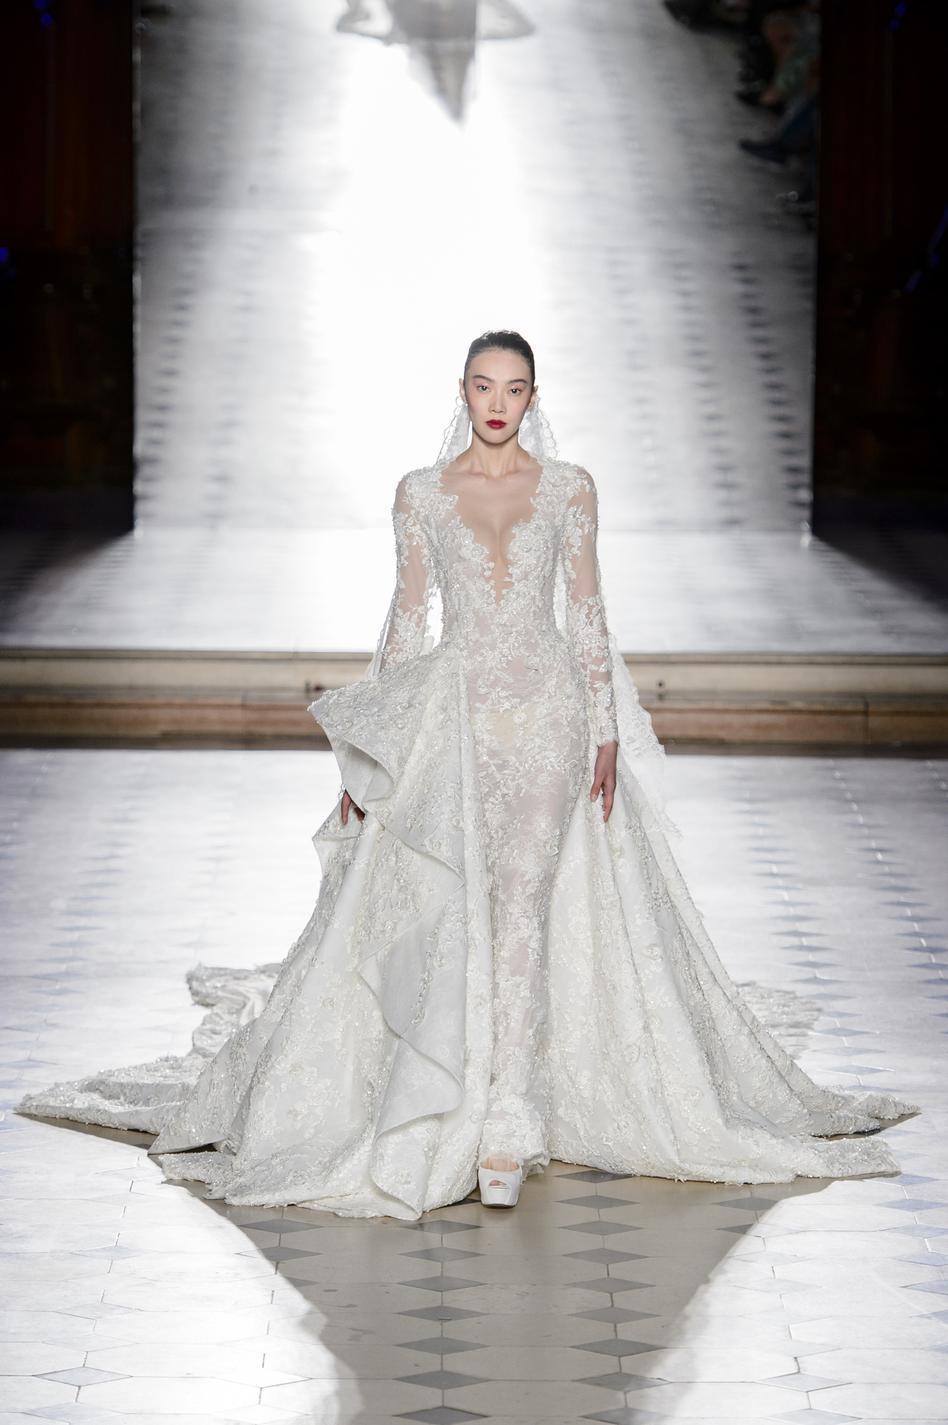 Robe de mariee chanel